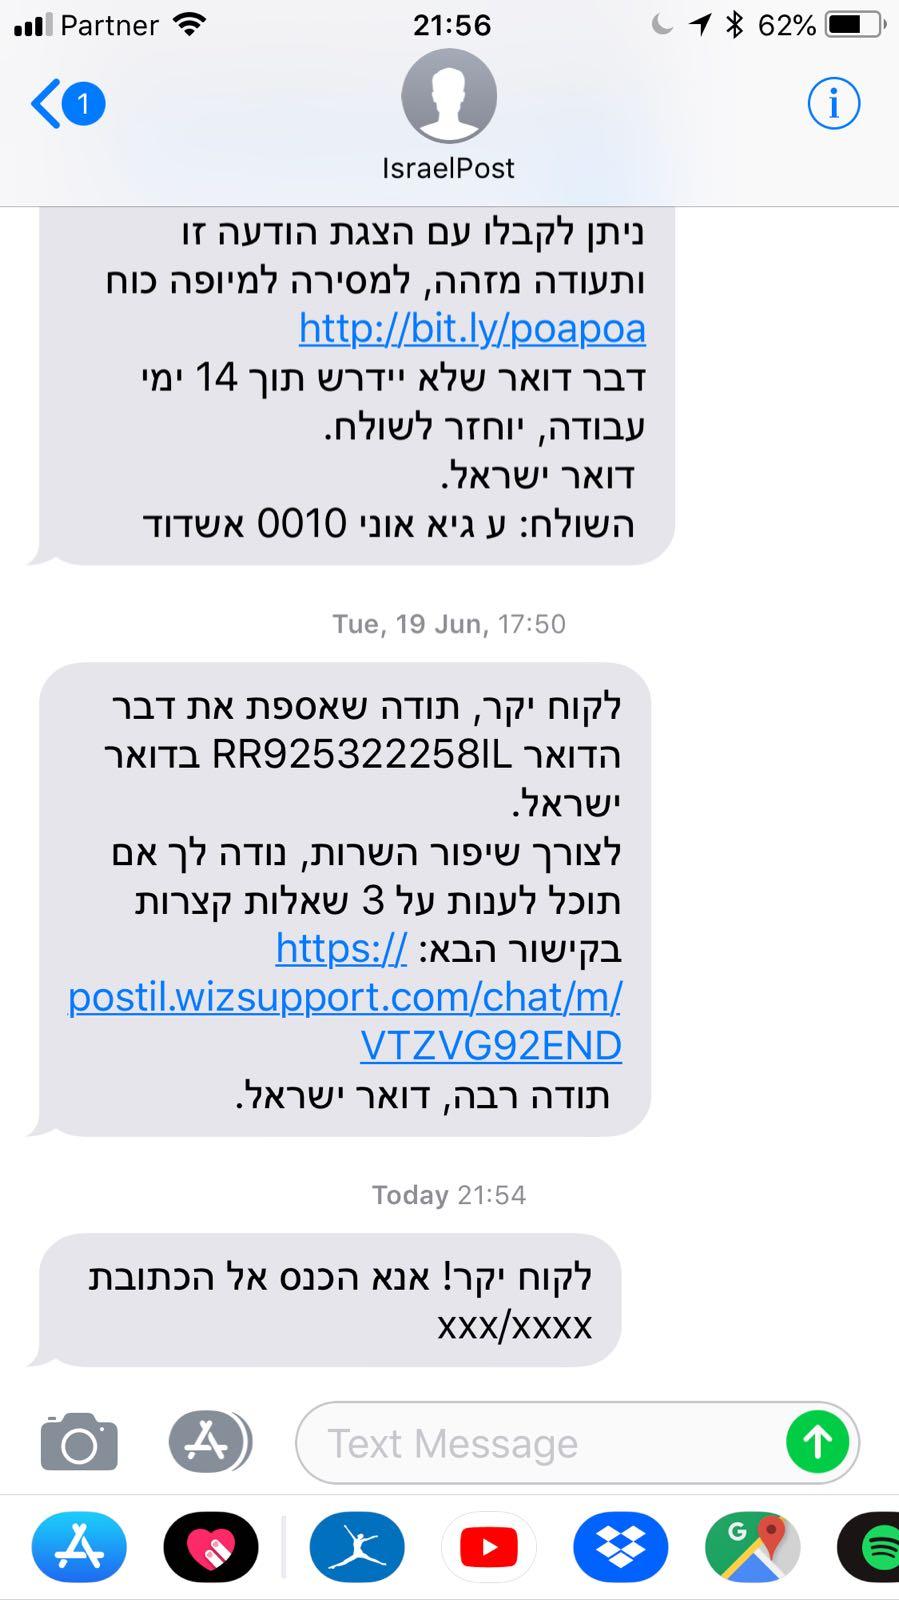 סמסים מדואר ישראל, אחד מהם מזויף